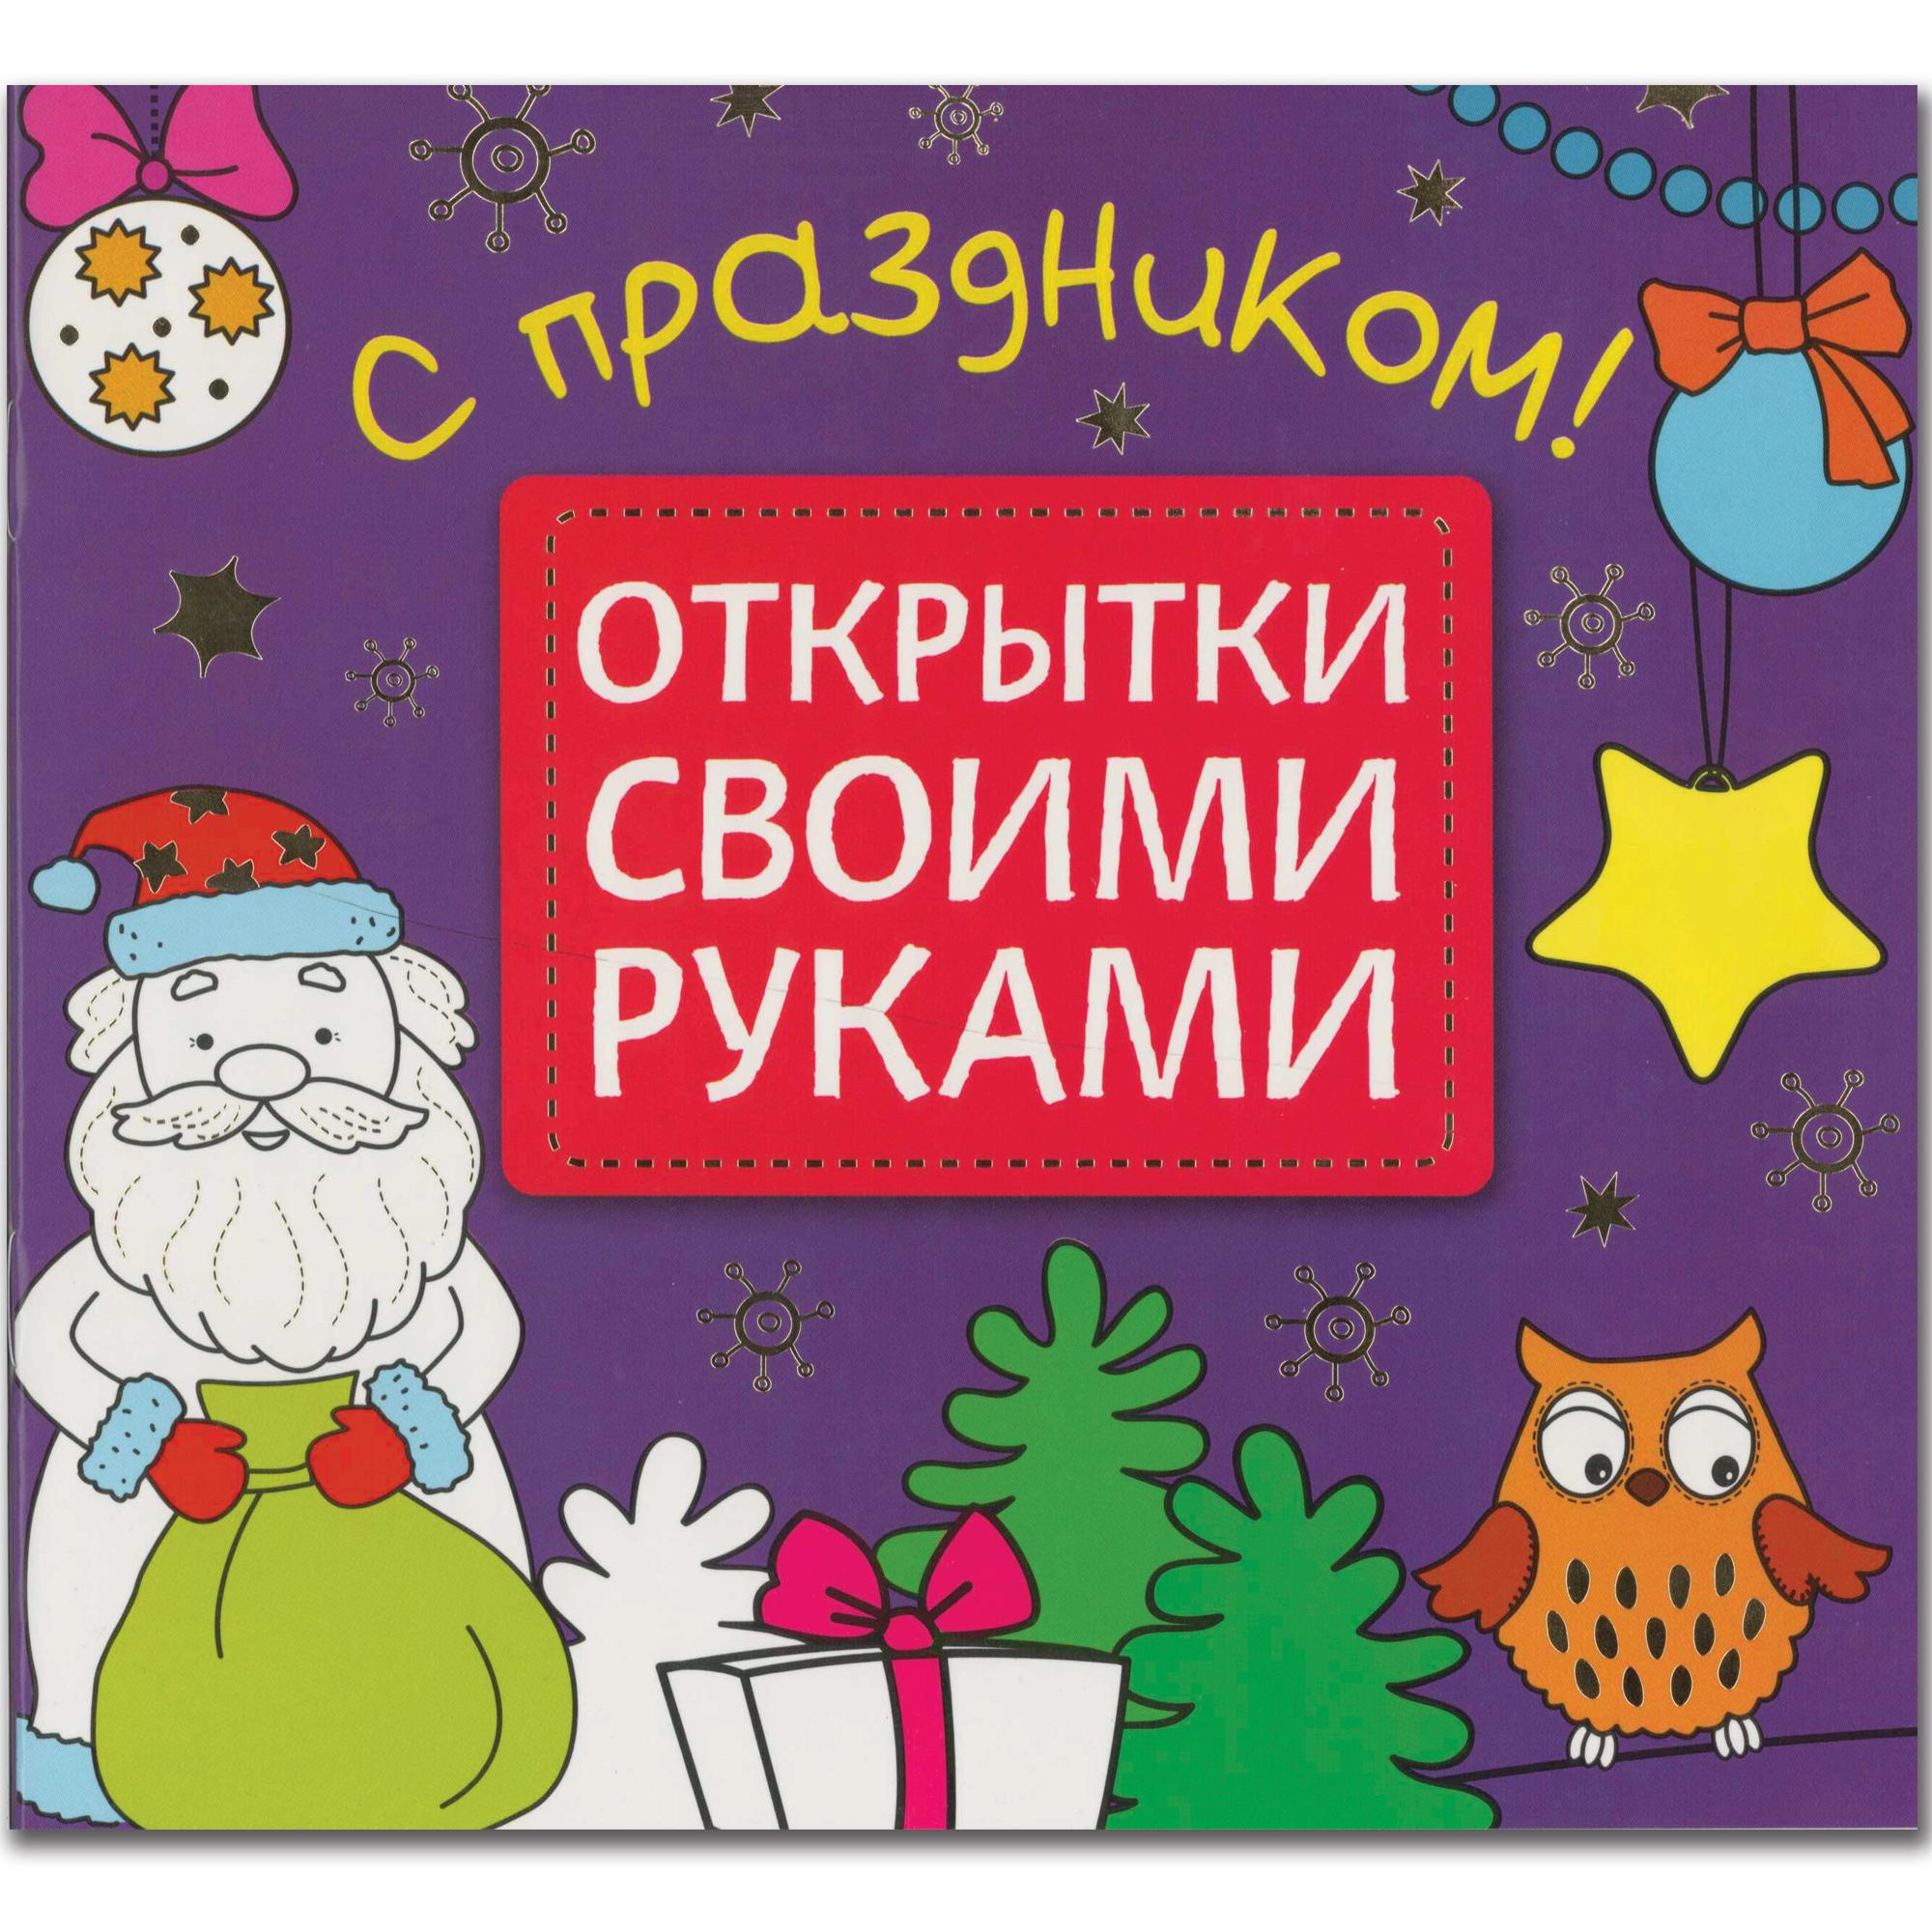 Открытки своими руками - С праздником!Новый Год<br>Открытки своими руками - С праздником!<br>